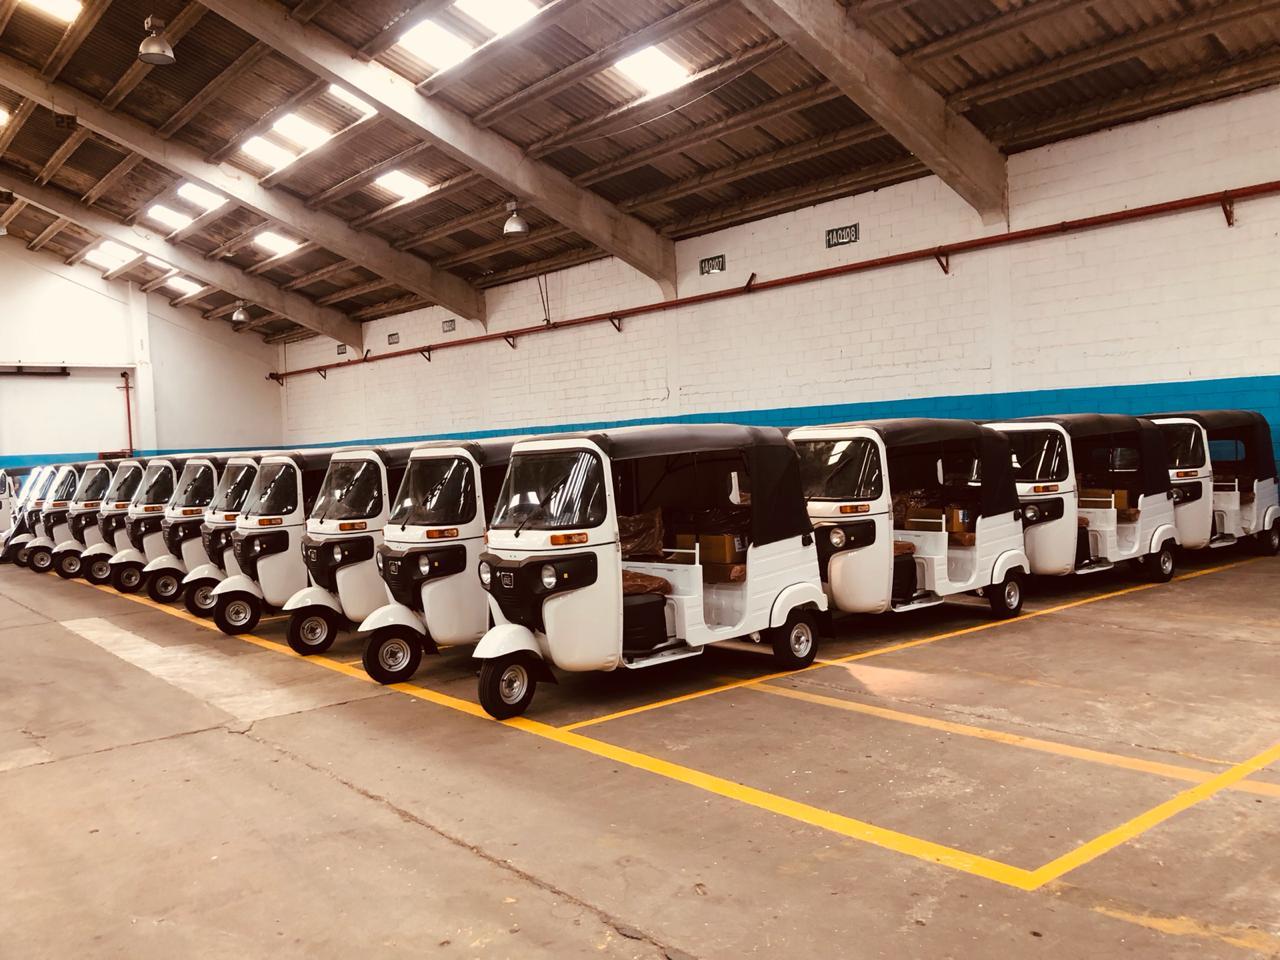 Motocarros de la marca india Bajaj son ensamblados en una planta del Grupo Uma en Barranquilla.